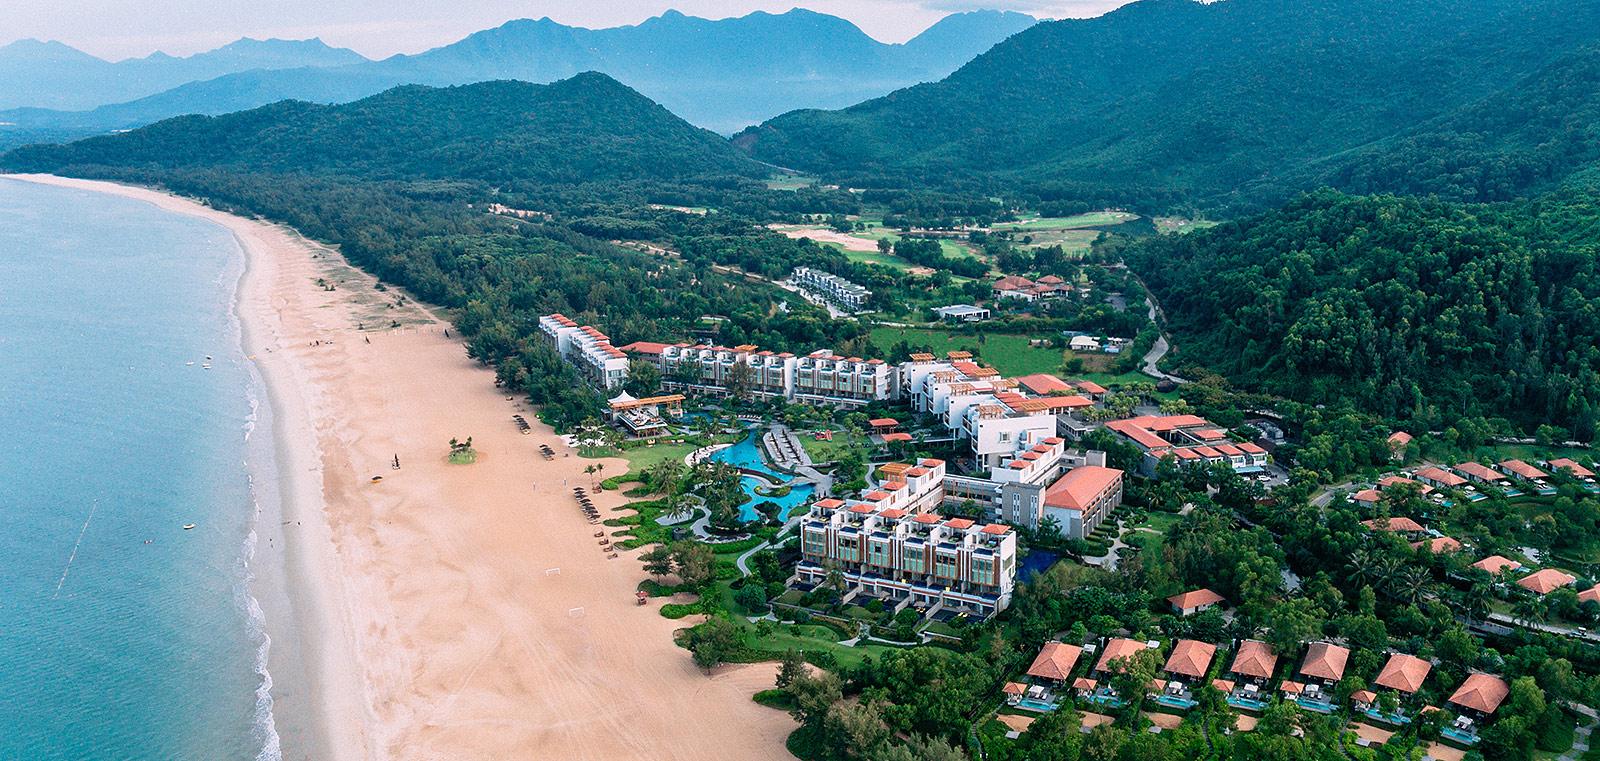 Khu nghỉ dưỡng, khách sạn Angsana Lăng Cô